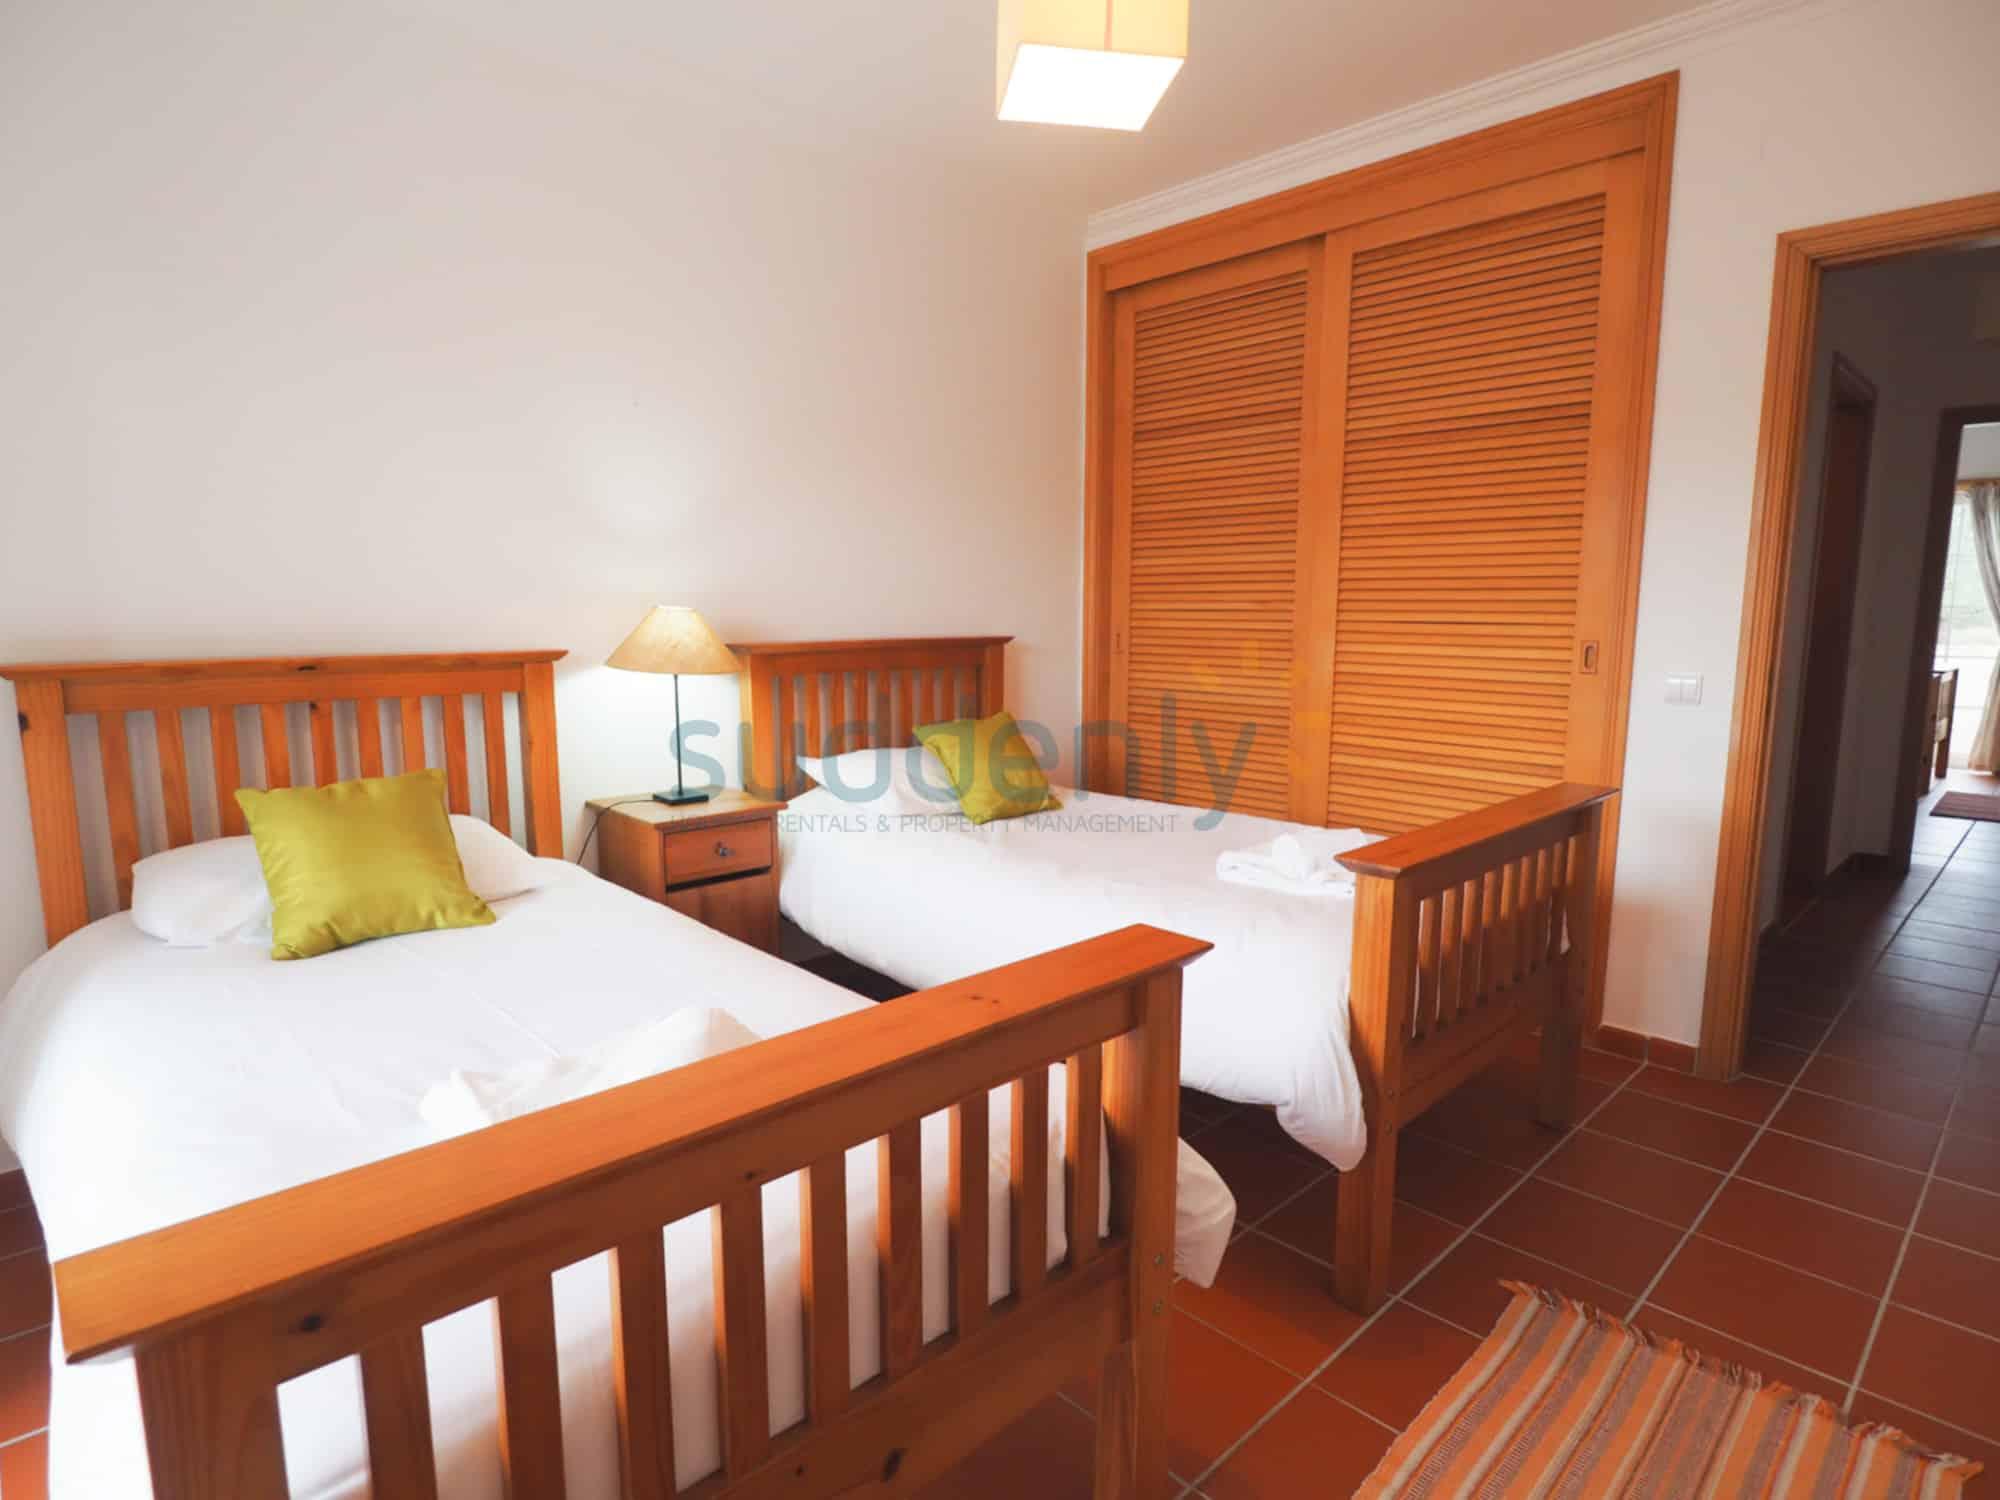 Holiday Rentals in Praia D'El Rey 173